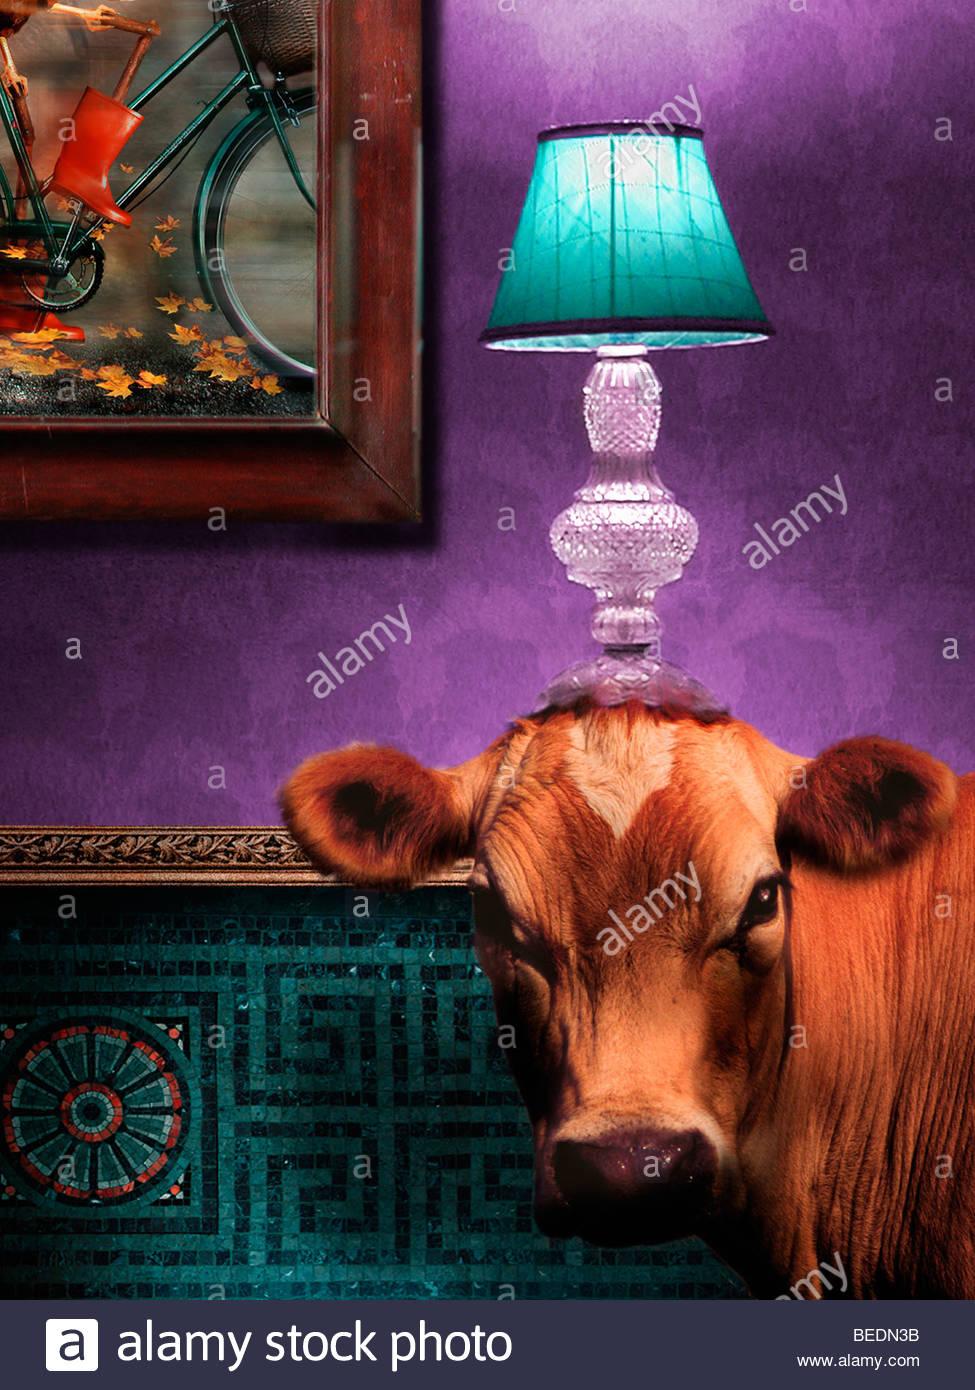 Vaca en salón con luz en la cabeza. Imagen De Stock